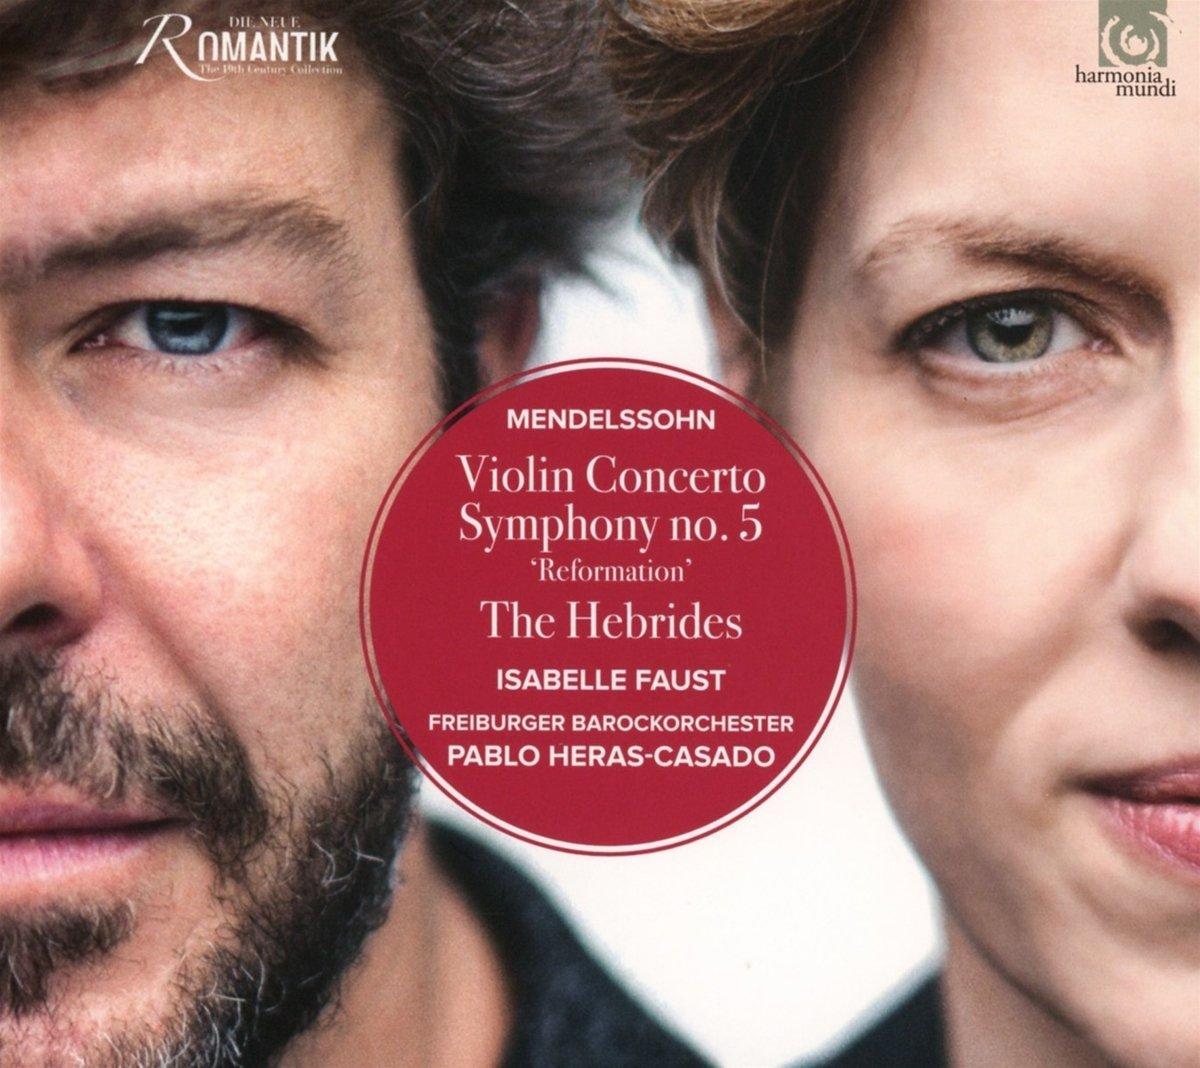 Mendelssohn: Violin Concerto; Symphony No. 5; The